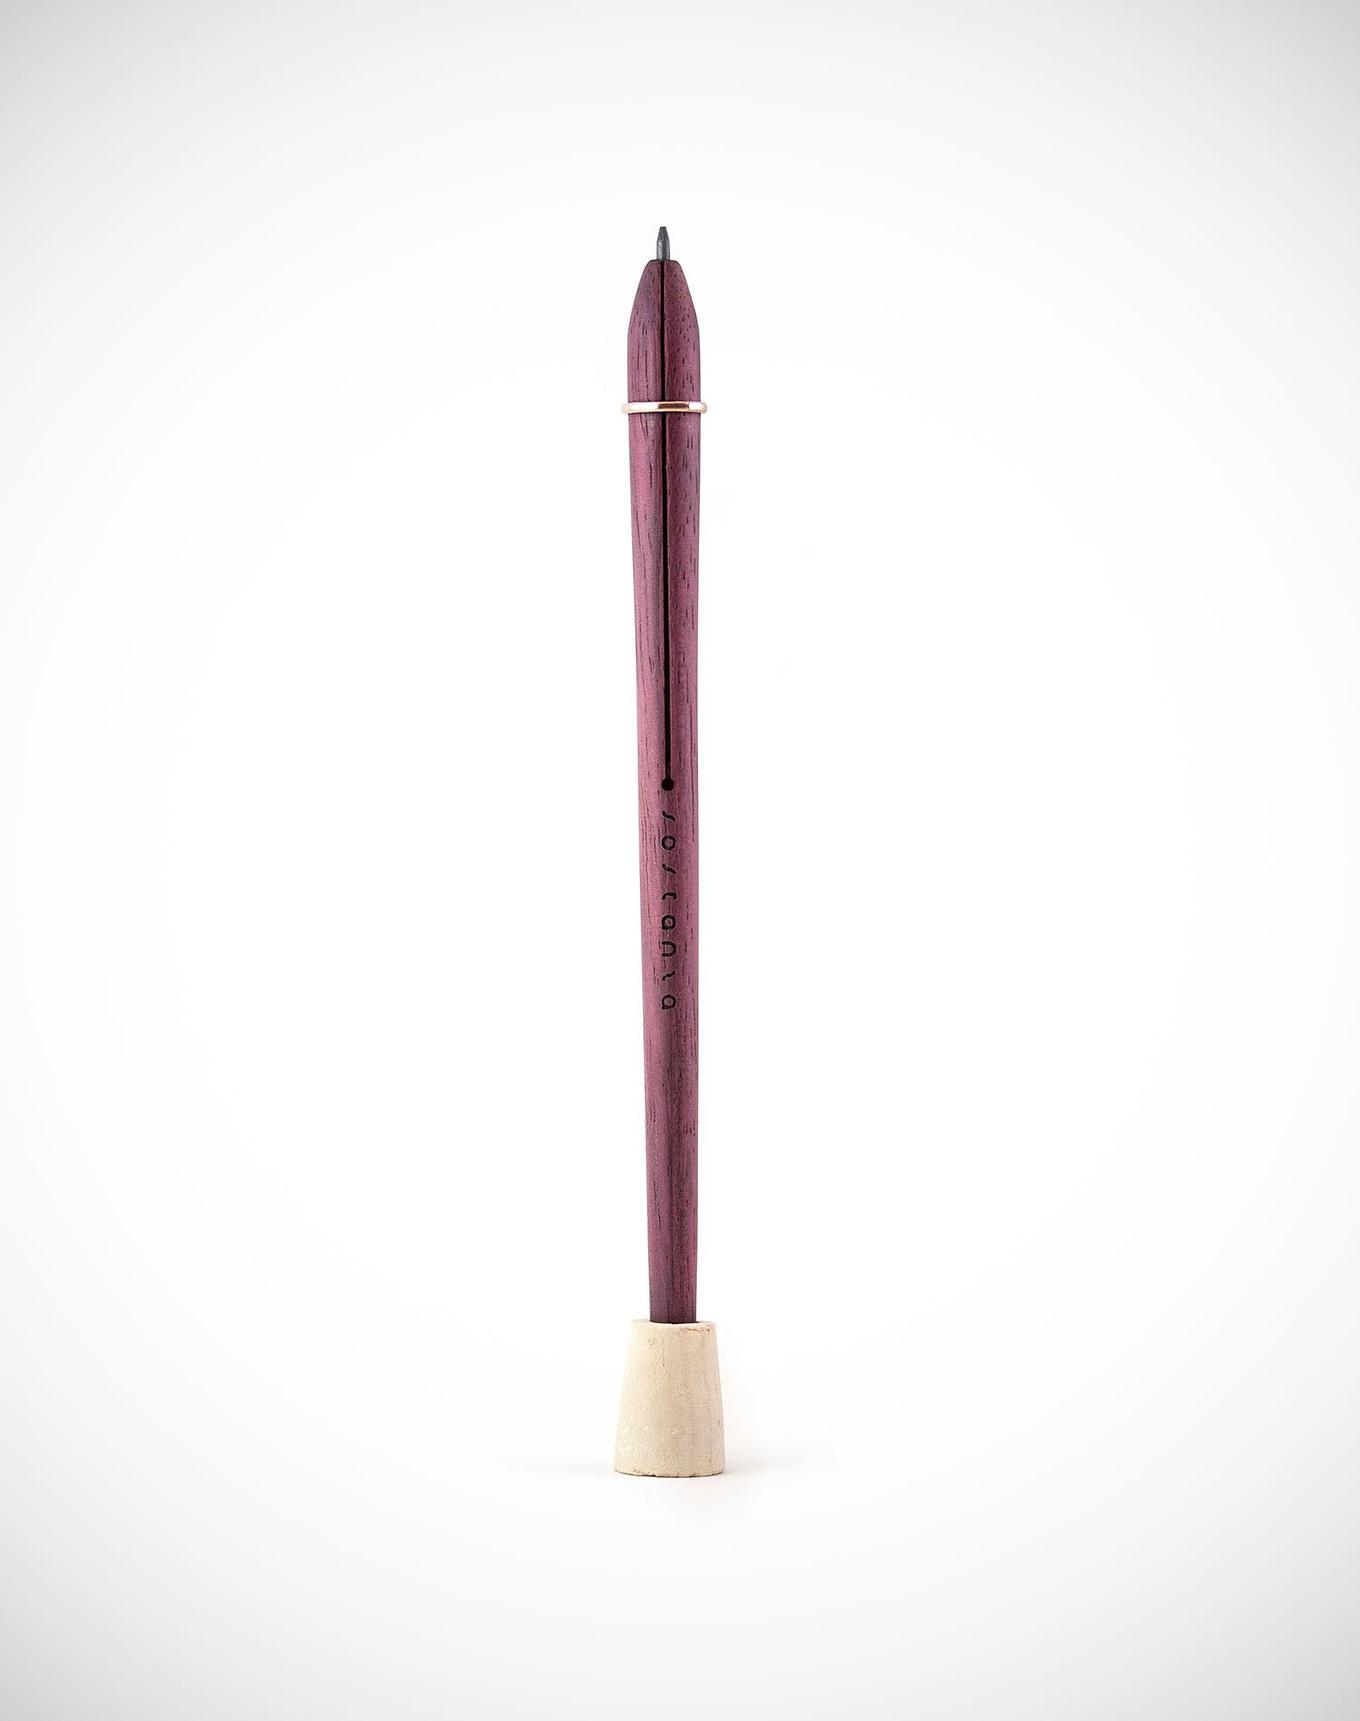 a-pencil-to-last-a-lifetime-gessato-2